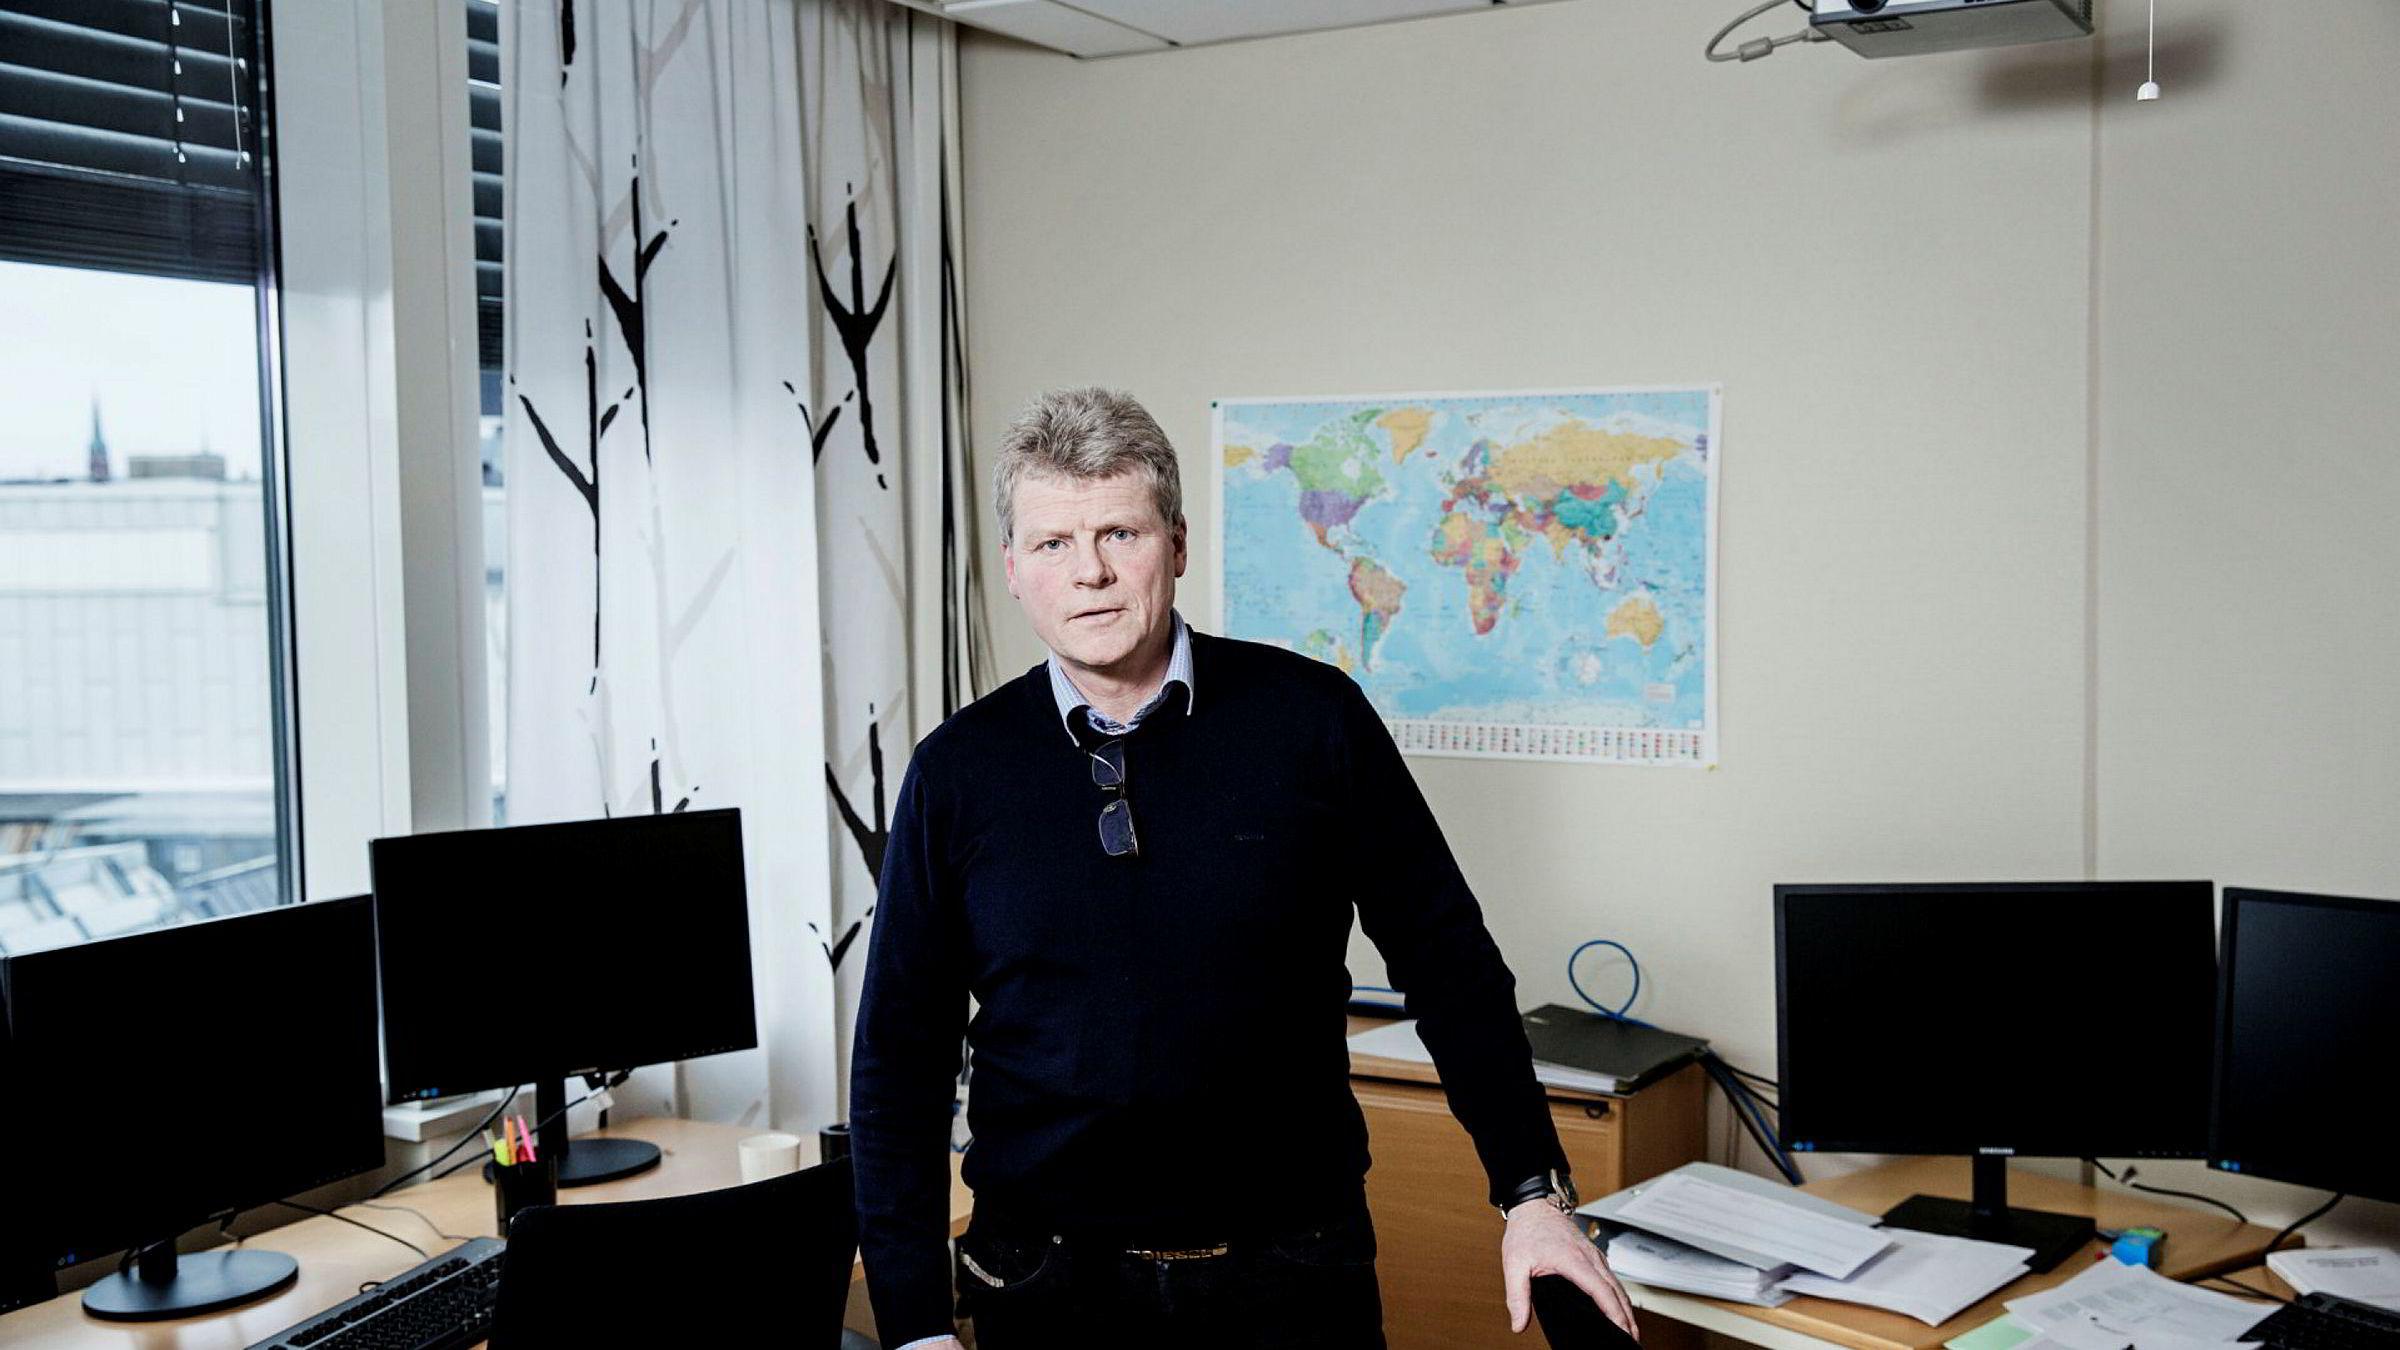 Økokrim anslo i 2013 at betalingsagenter overførte tre milliarder kroner i året ut av Norge. – Det reelle tallet er trolig mye høyere, sier Sven Arild Damslora, leder for Enheten for finansiell etterretning i Økokrim.